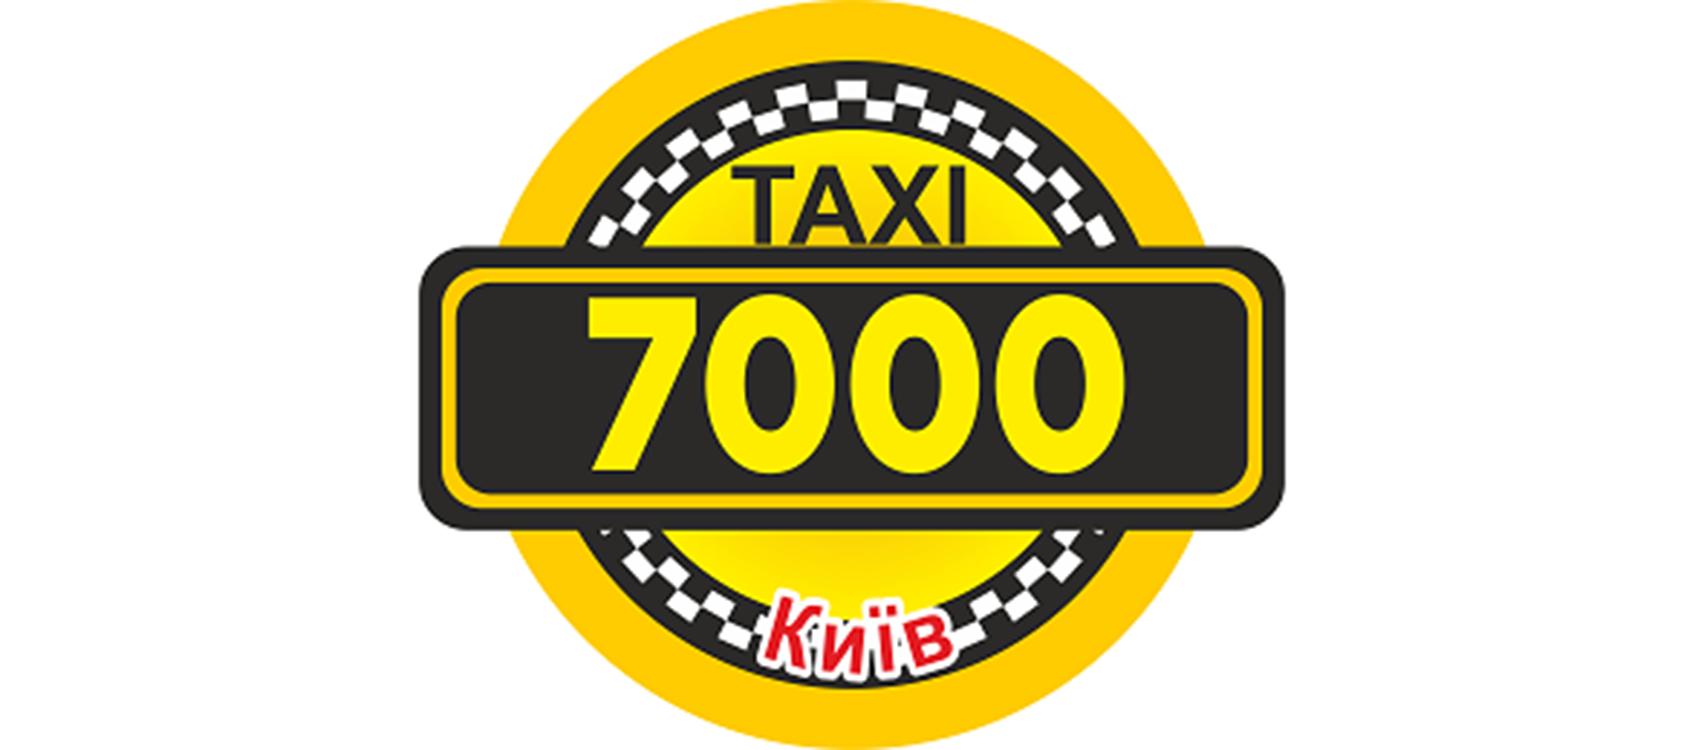 Такси Эконом 7000  (Киев)